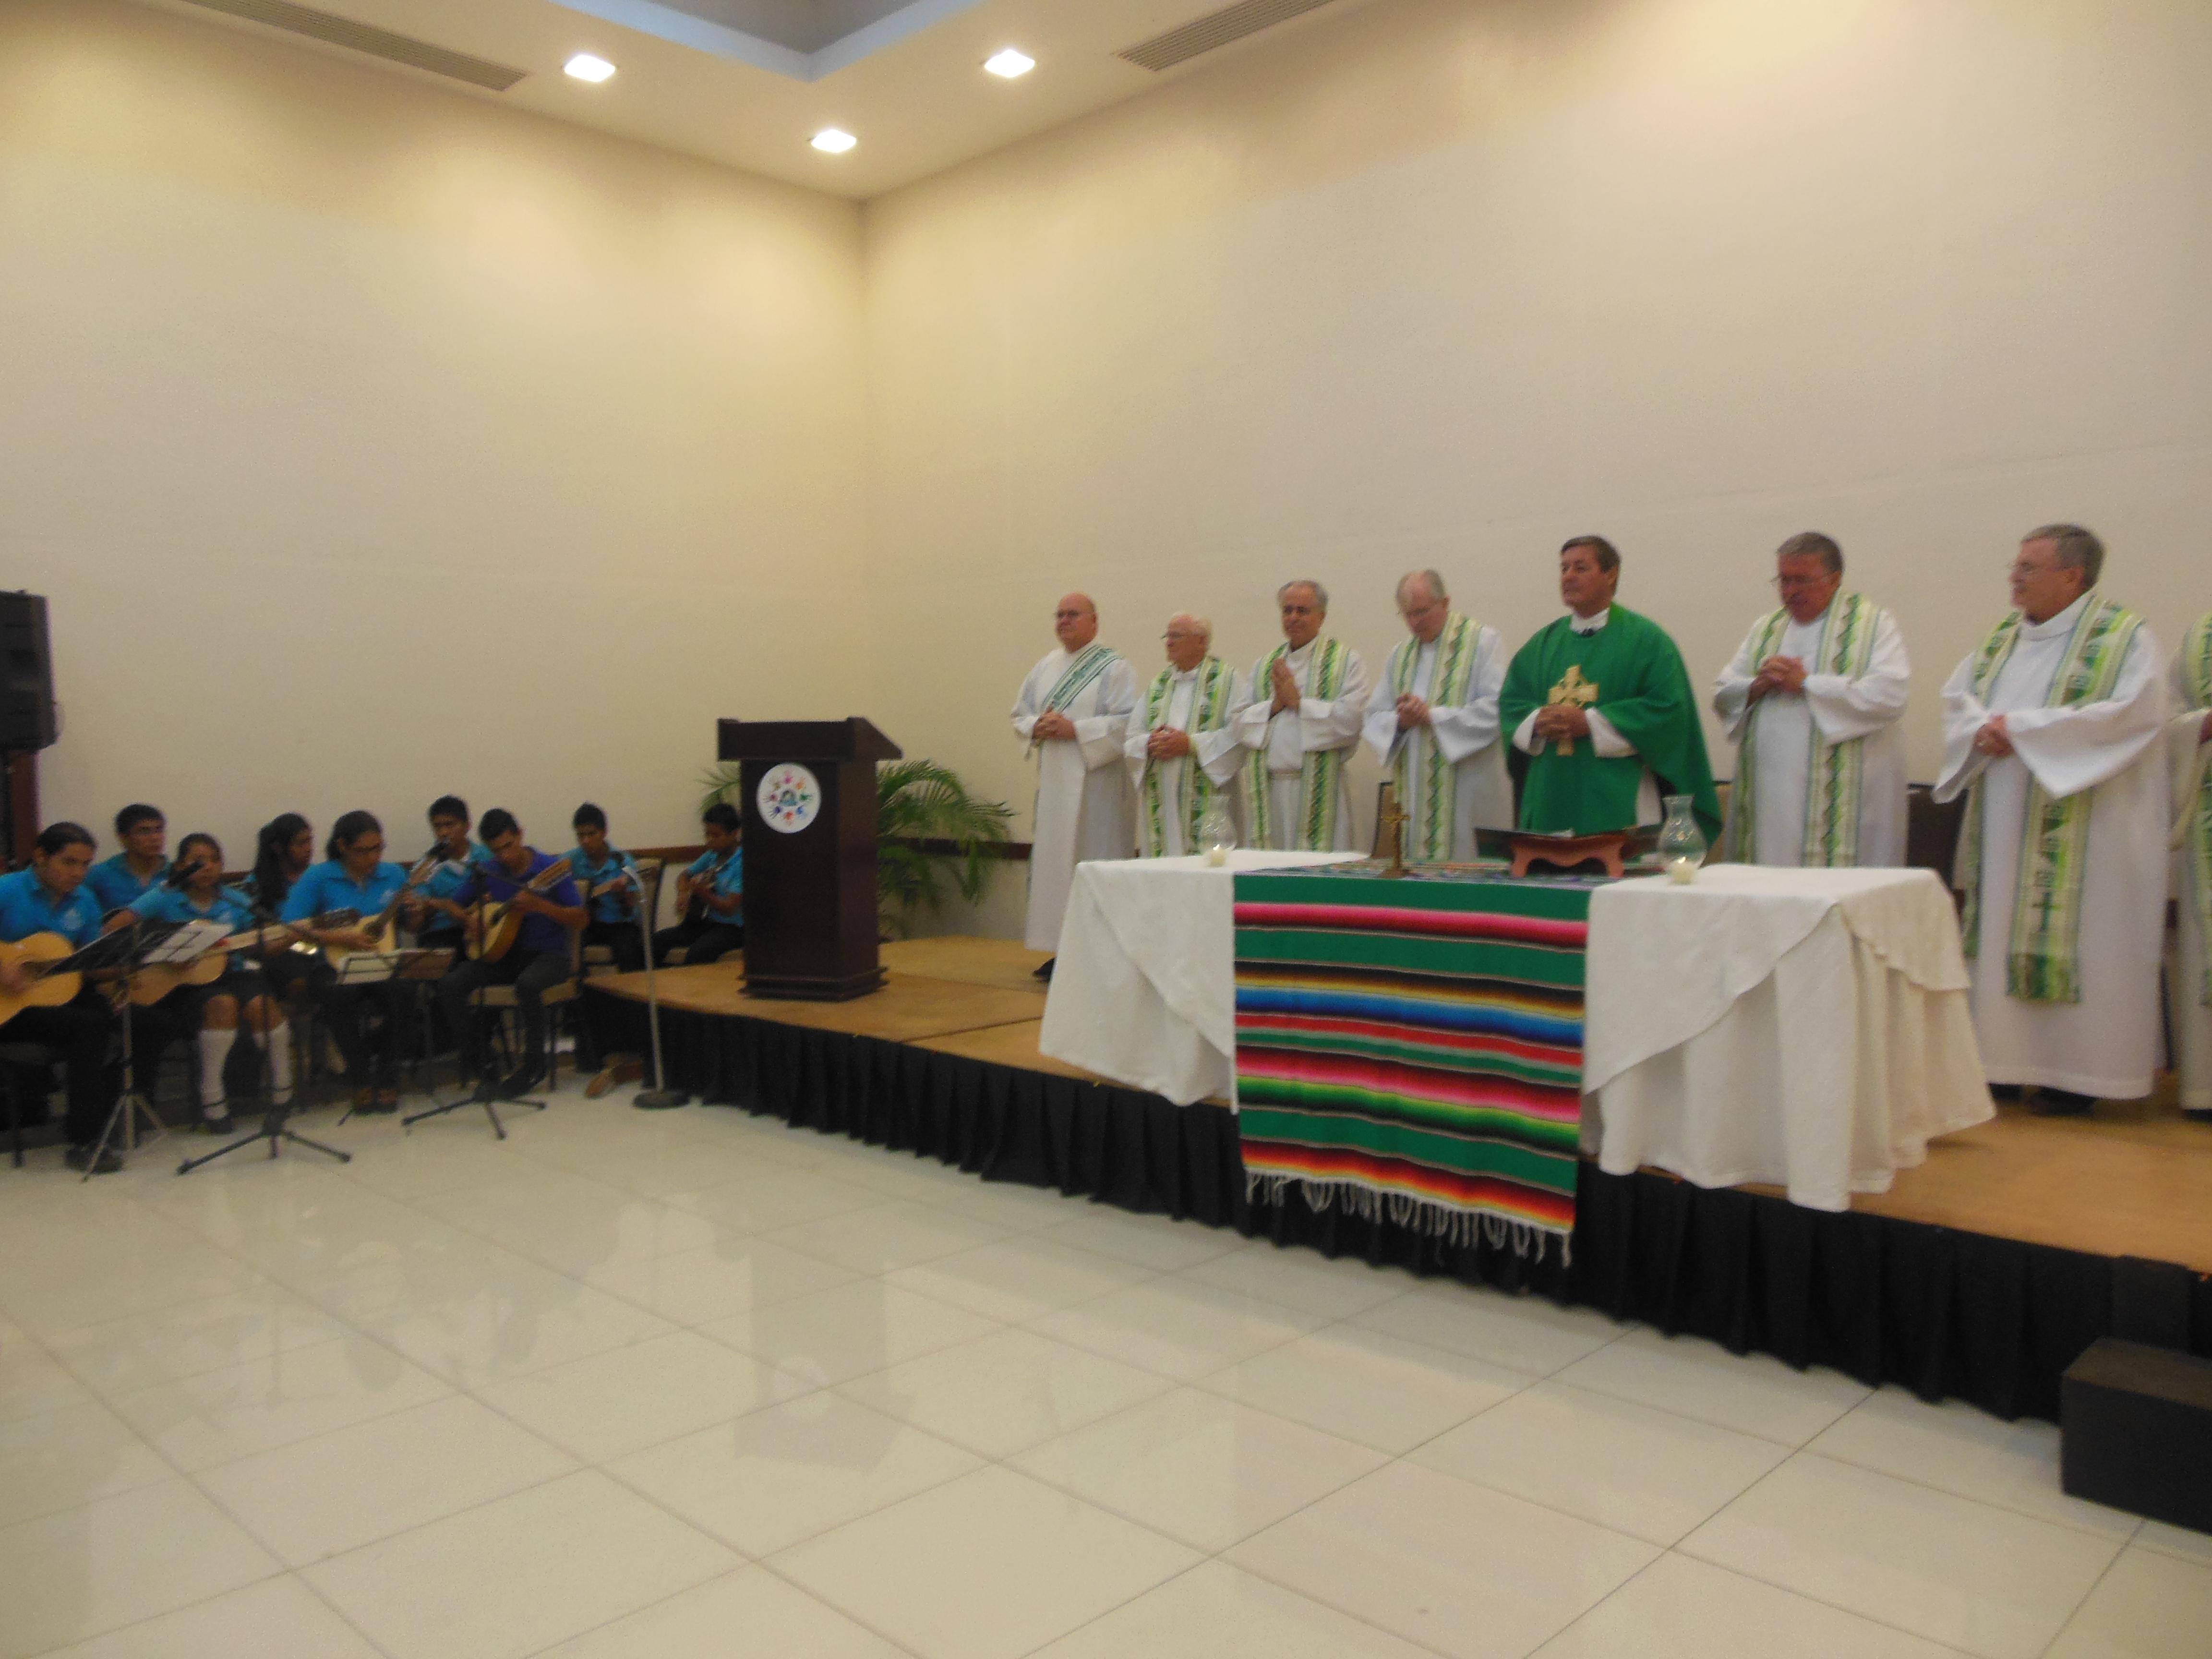 174.Cuernavaca, osteria las quintas, messa con Padre Rick 5, 14.02.2014